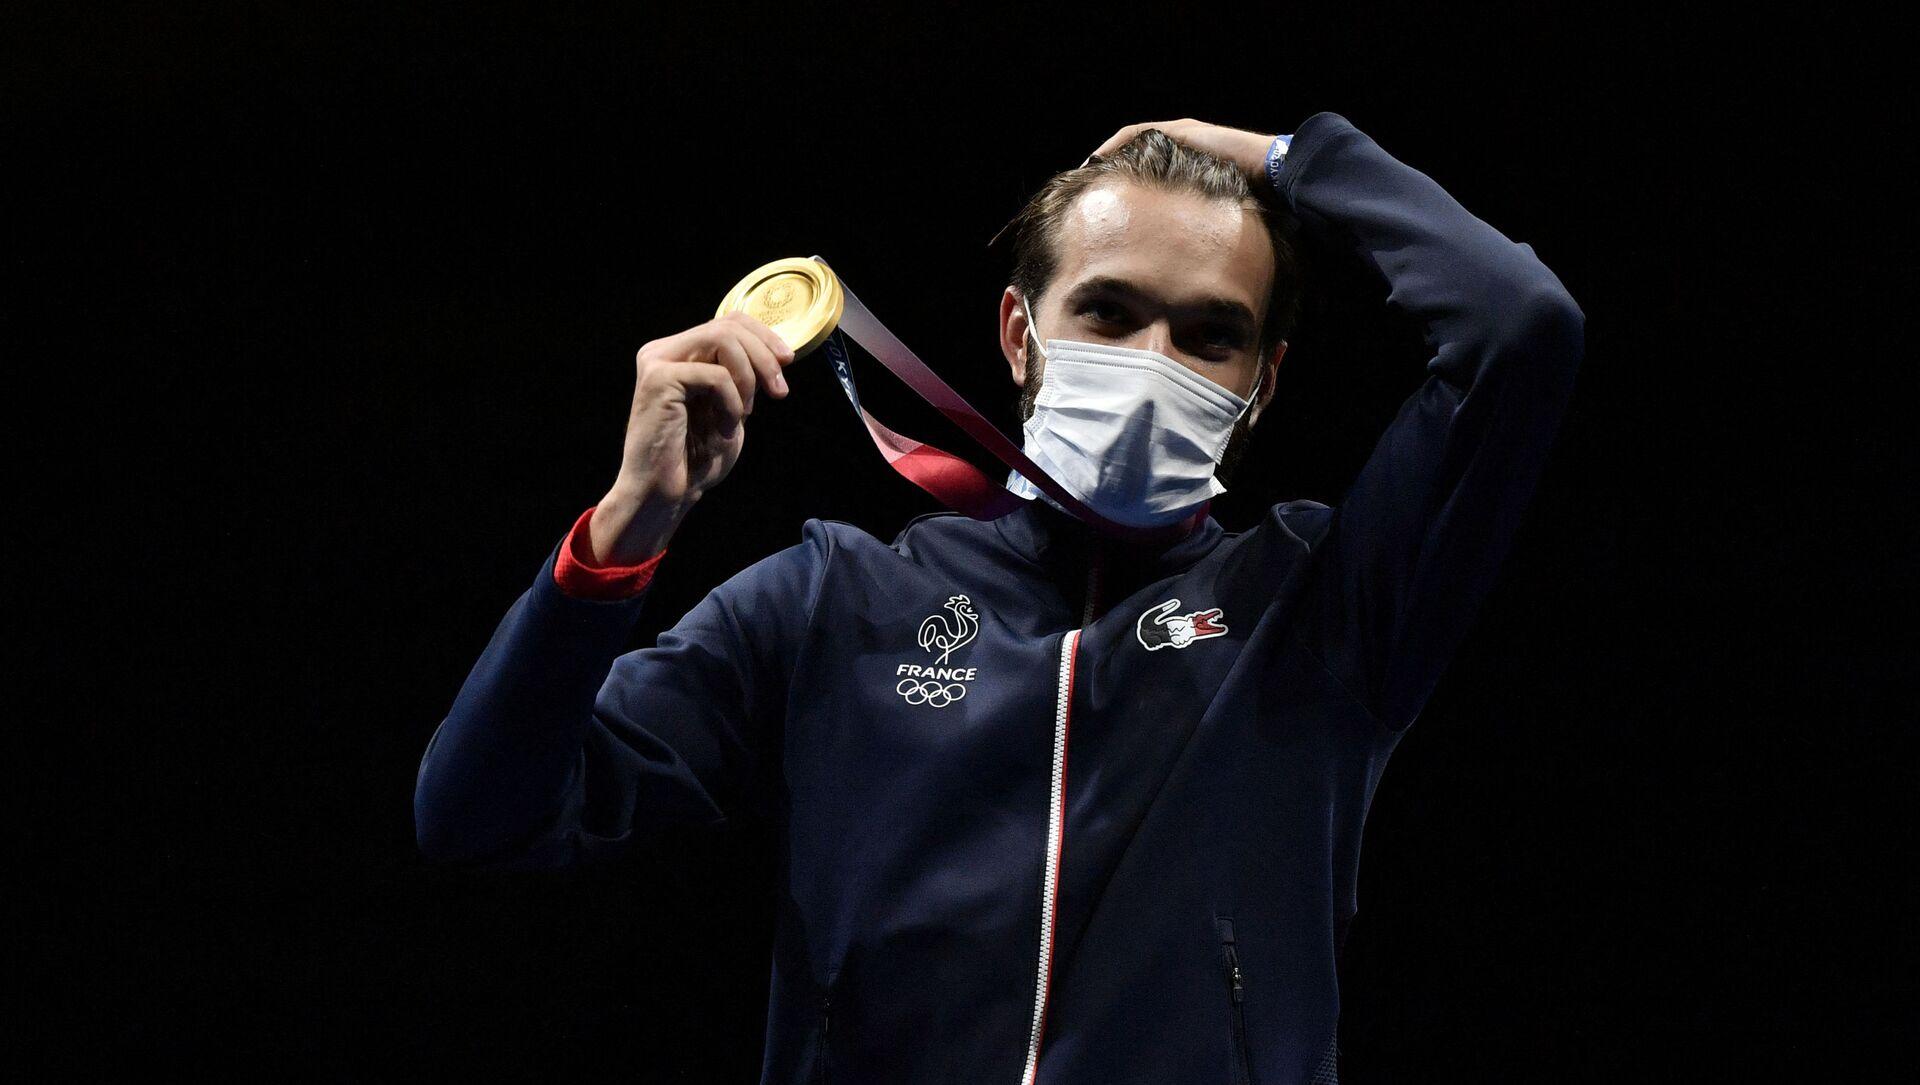 Romain Cannone, premier champion olympique français aux JO 2020 - Sputnik France, 1920, 25.07.2021